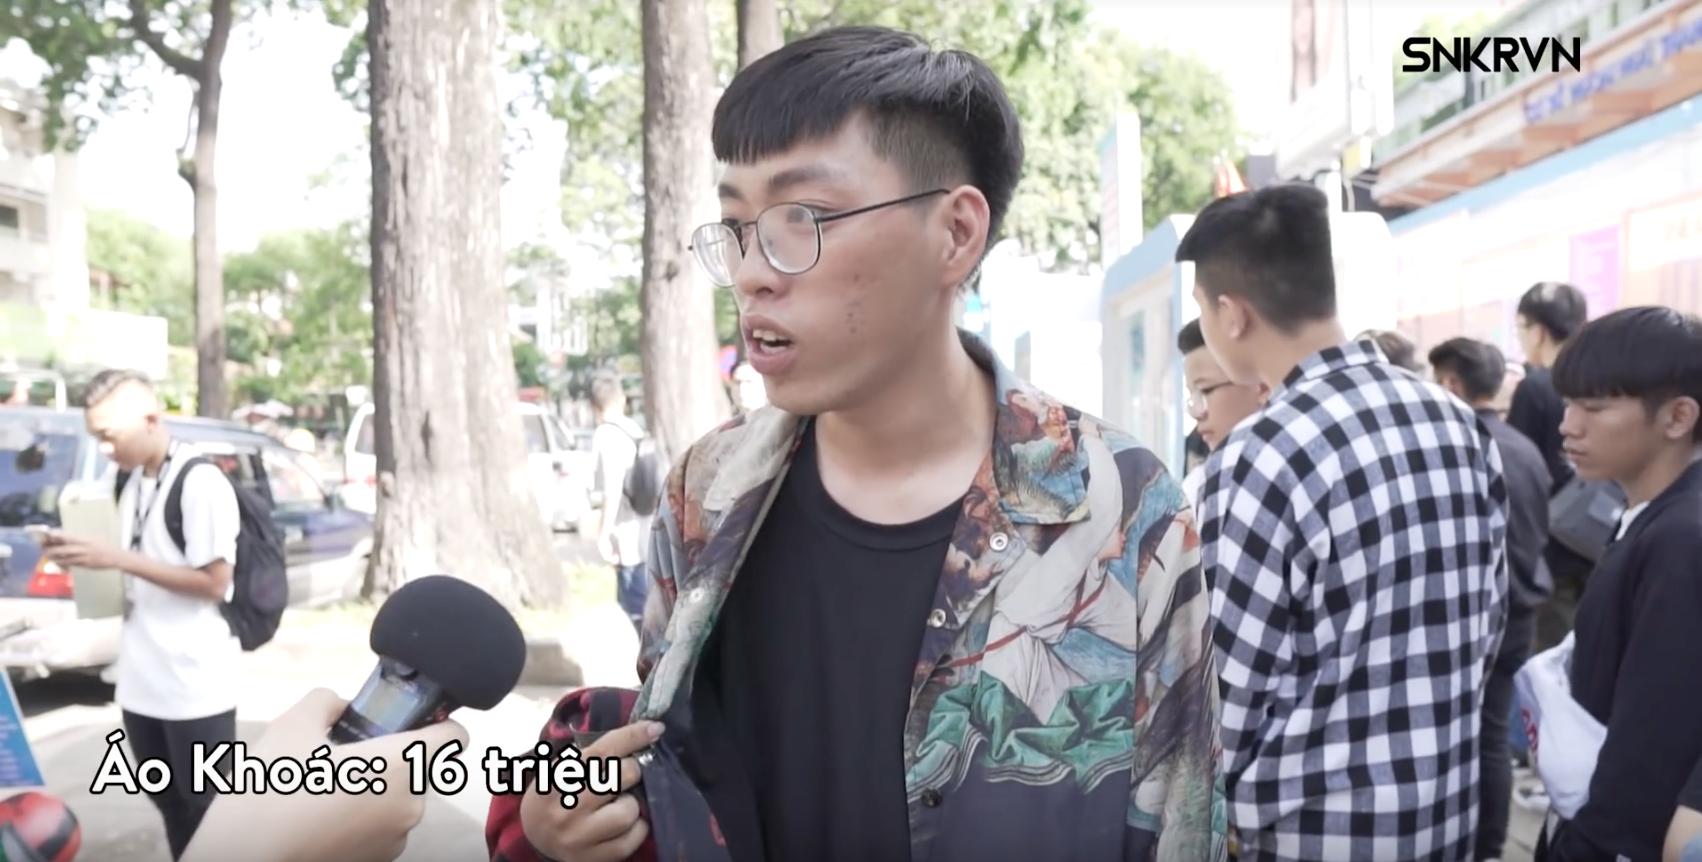 Clip: Xem giới trẻ Việt tự bóc set đồ của mình tại Sneaker Fest 2018 mà choáng, có bộ lên đến cả trăm triệu đồng! - Ảnh 5.